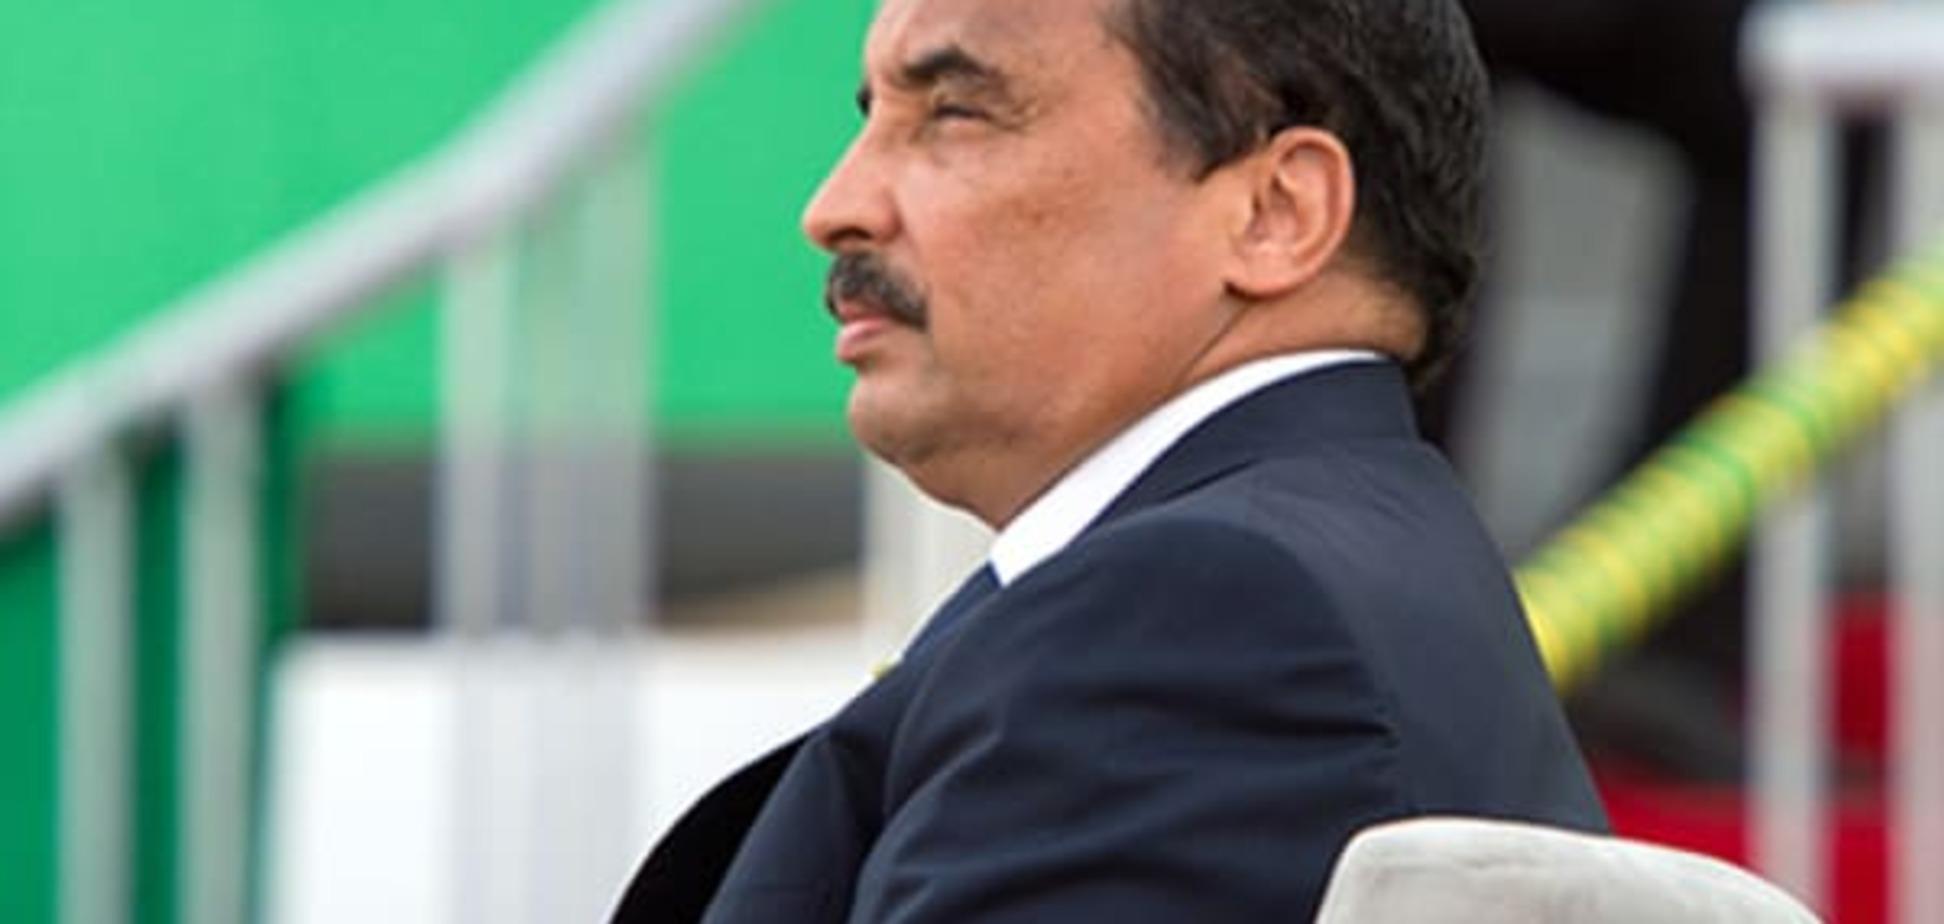 Президент Мавританії поміняв правила футболу через нудний матч